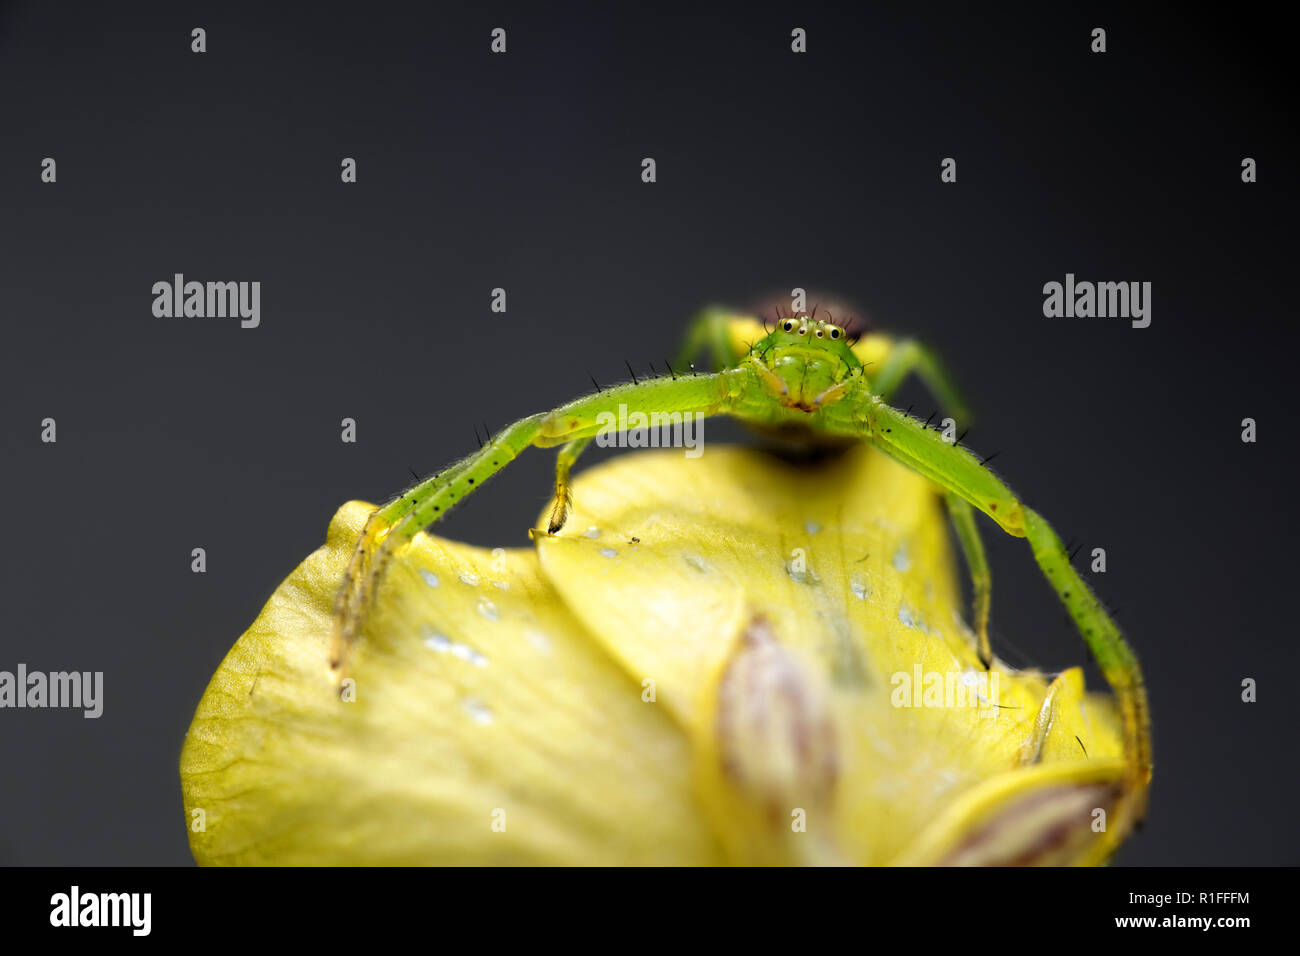 Green crab spider, Diaea dorsata - Stock Image